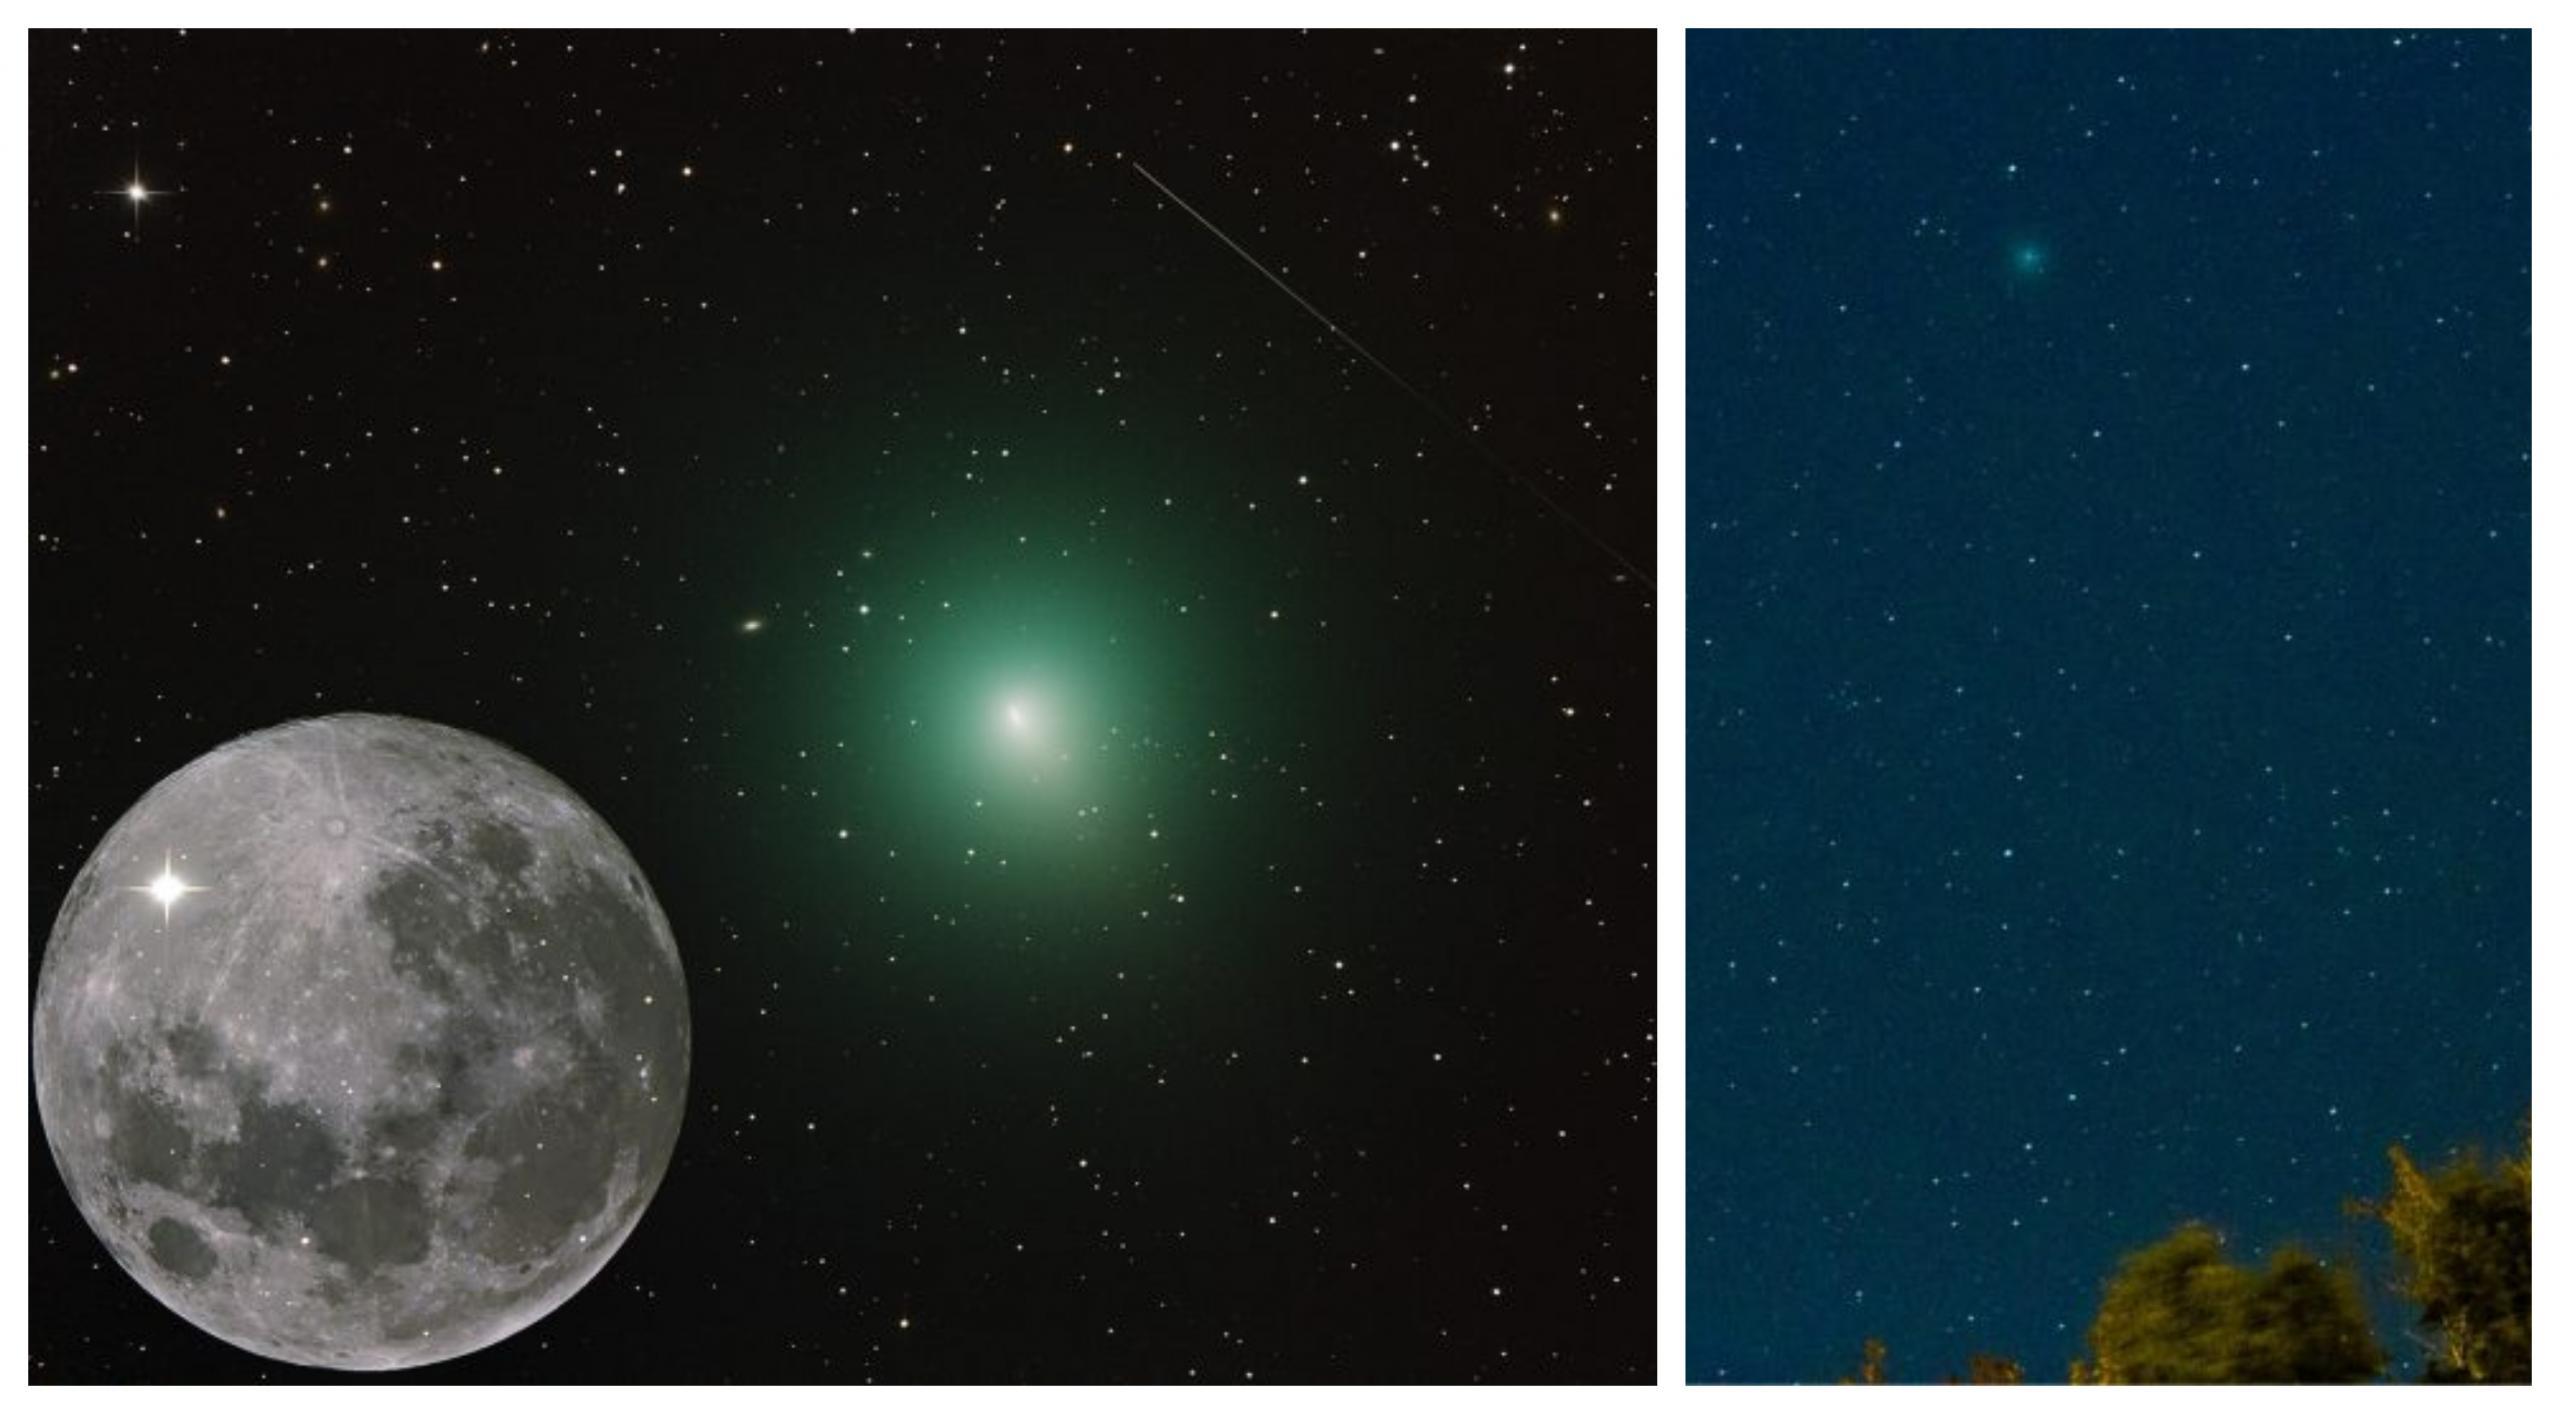 Letošnji najsvetlejši komet